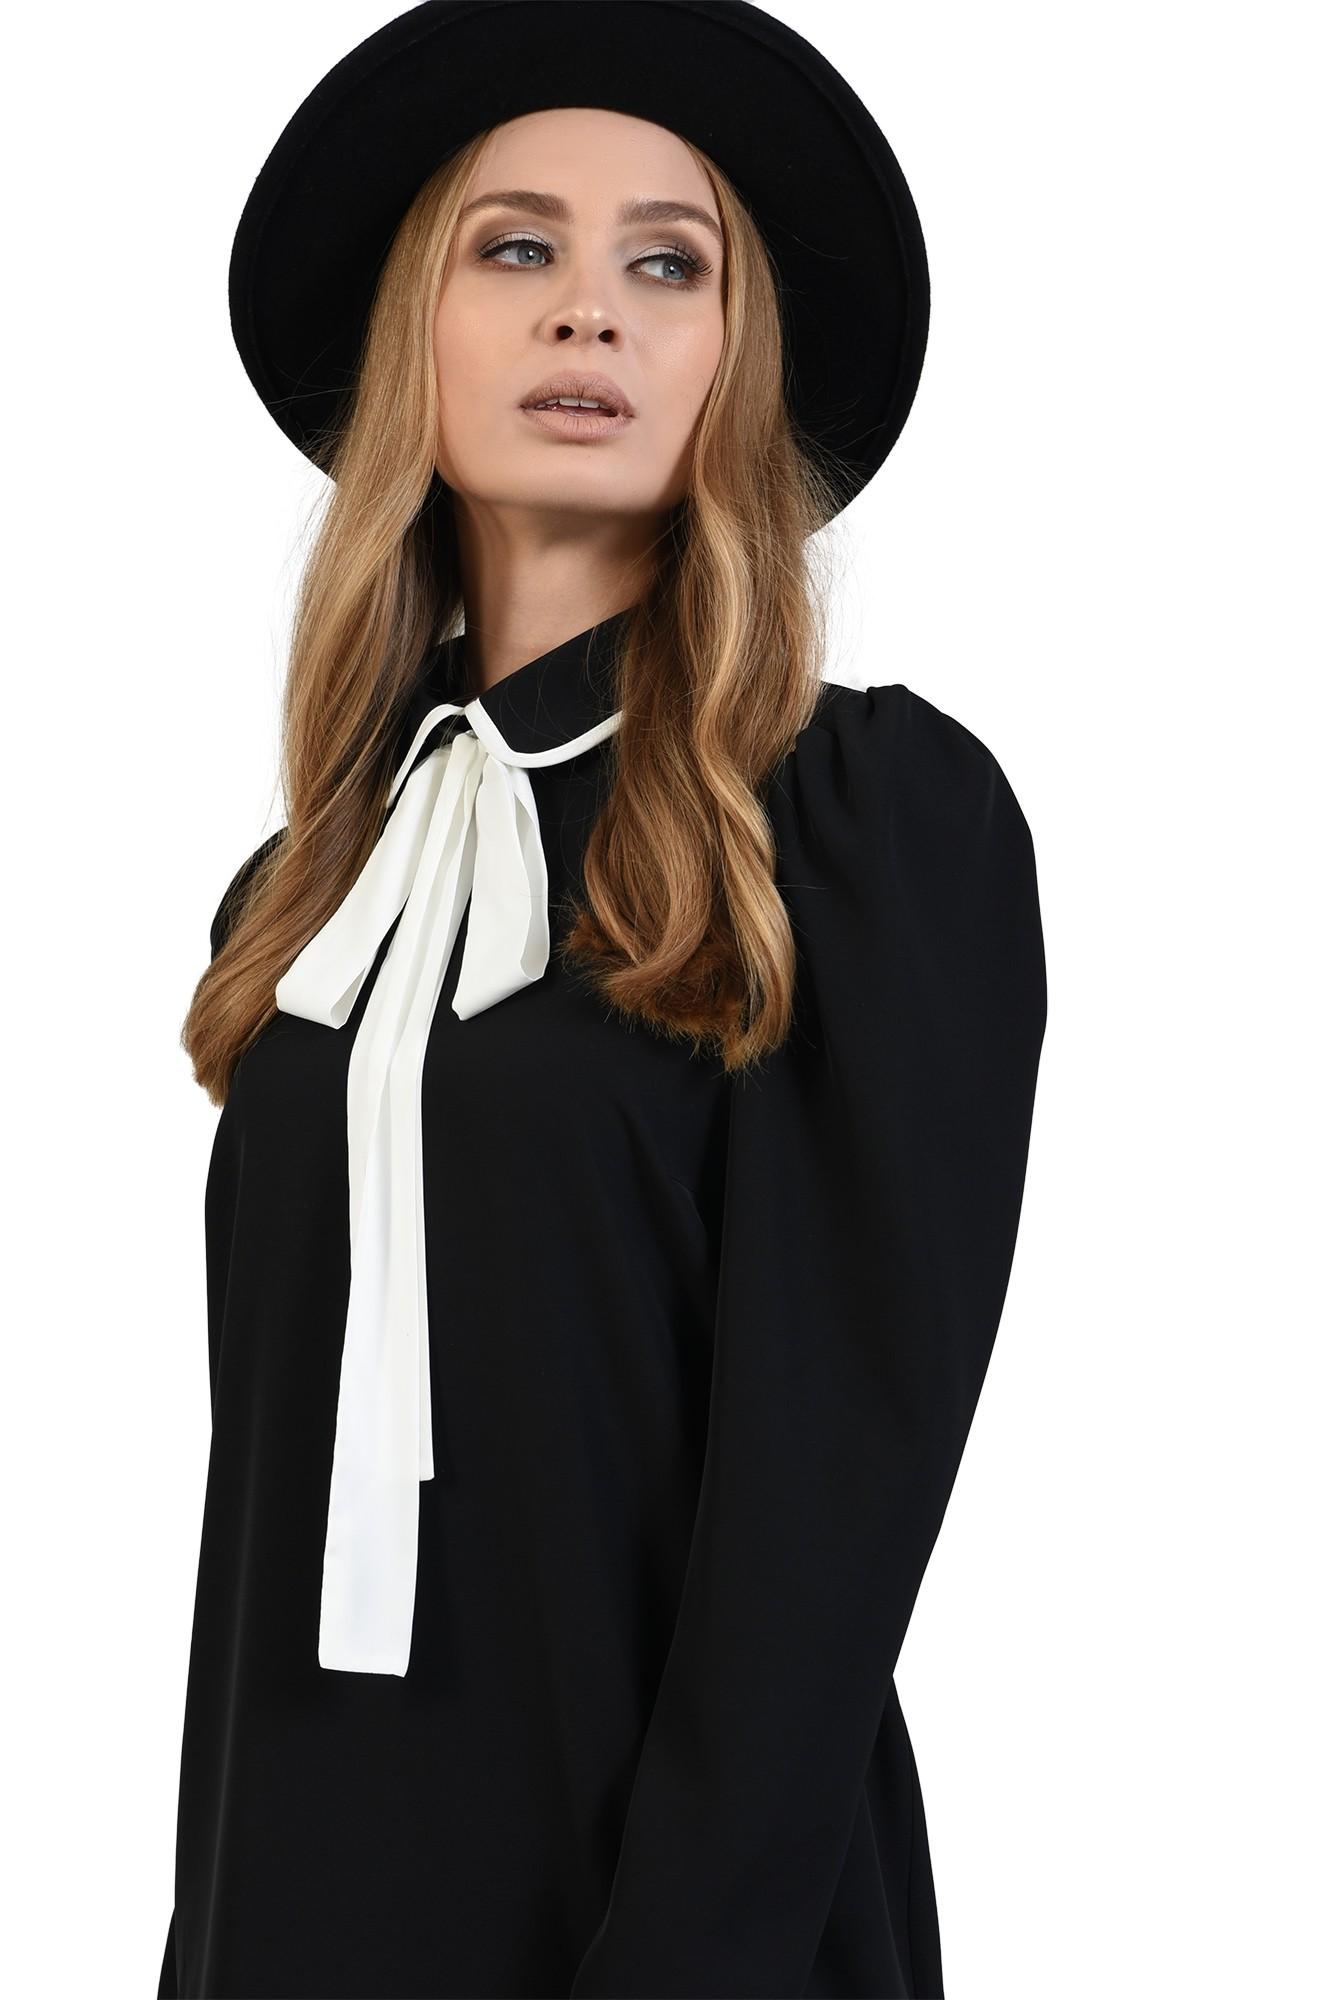 3 - rochie neagra, cu maneca lunga, cu funda alba